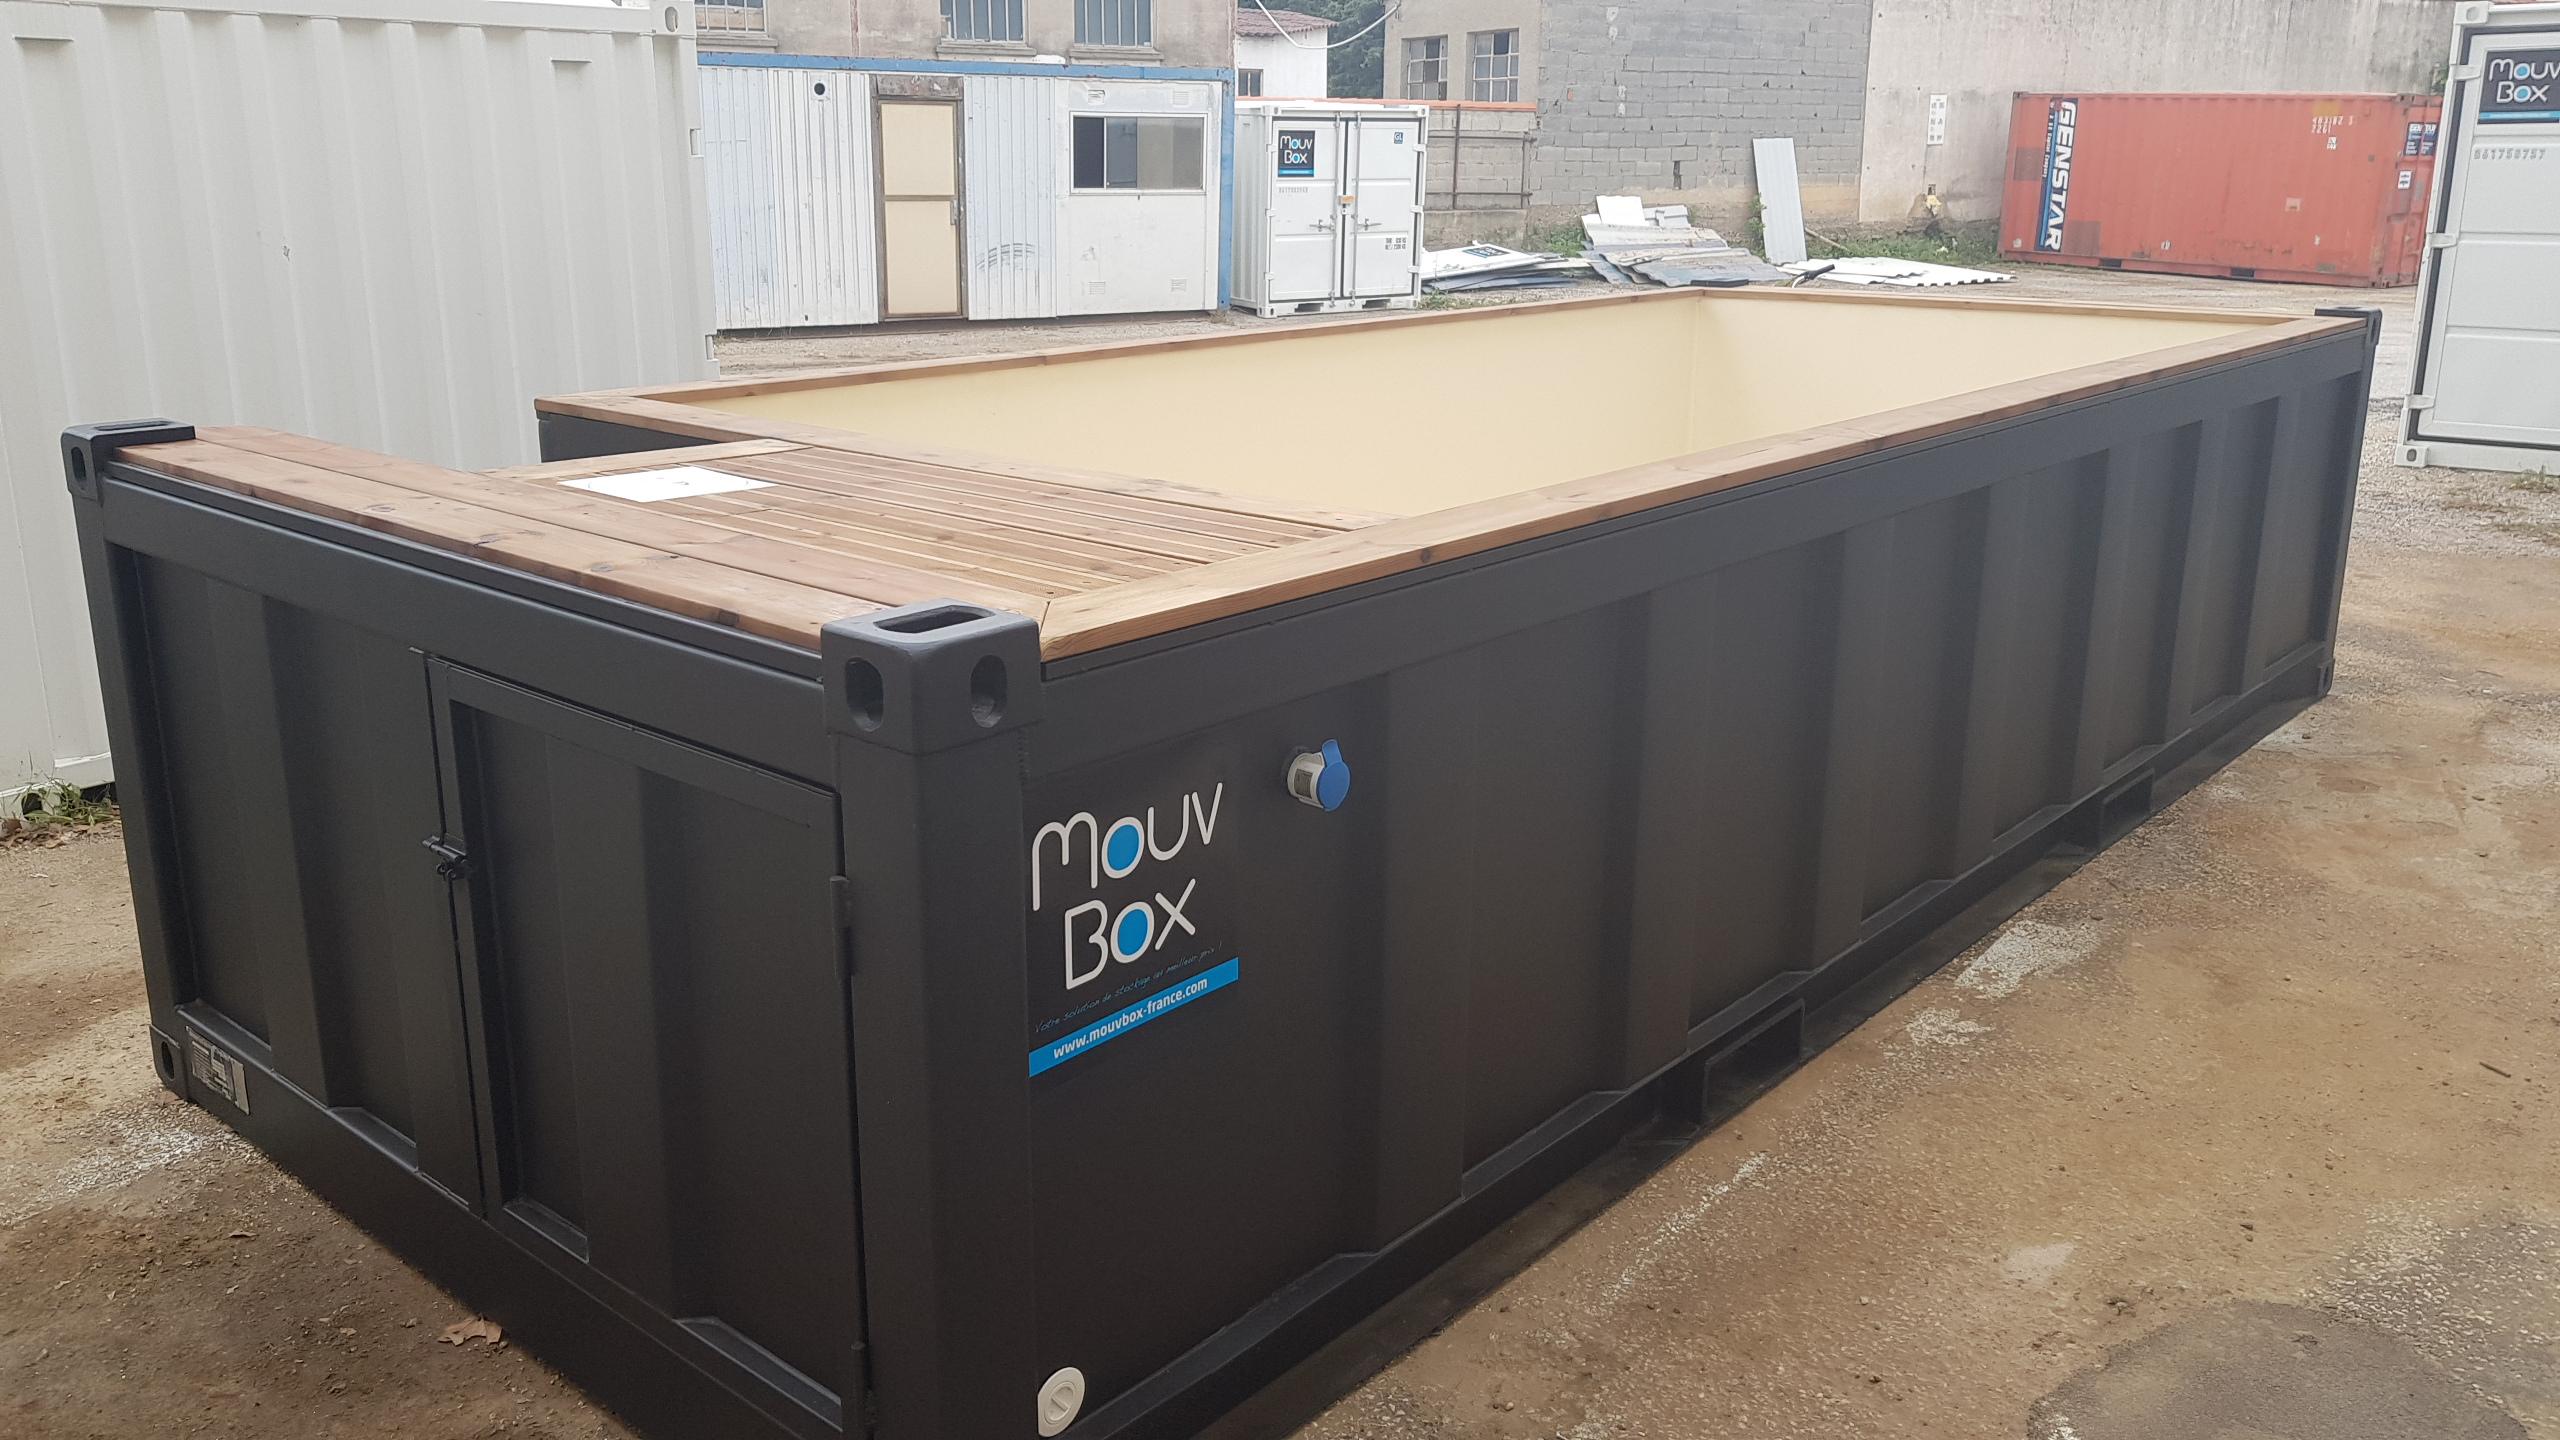 Mouvbox France | Piscine Box 20′ (6M X 2.40M) pour Piscine Conteneur